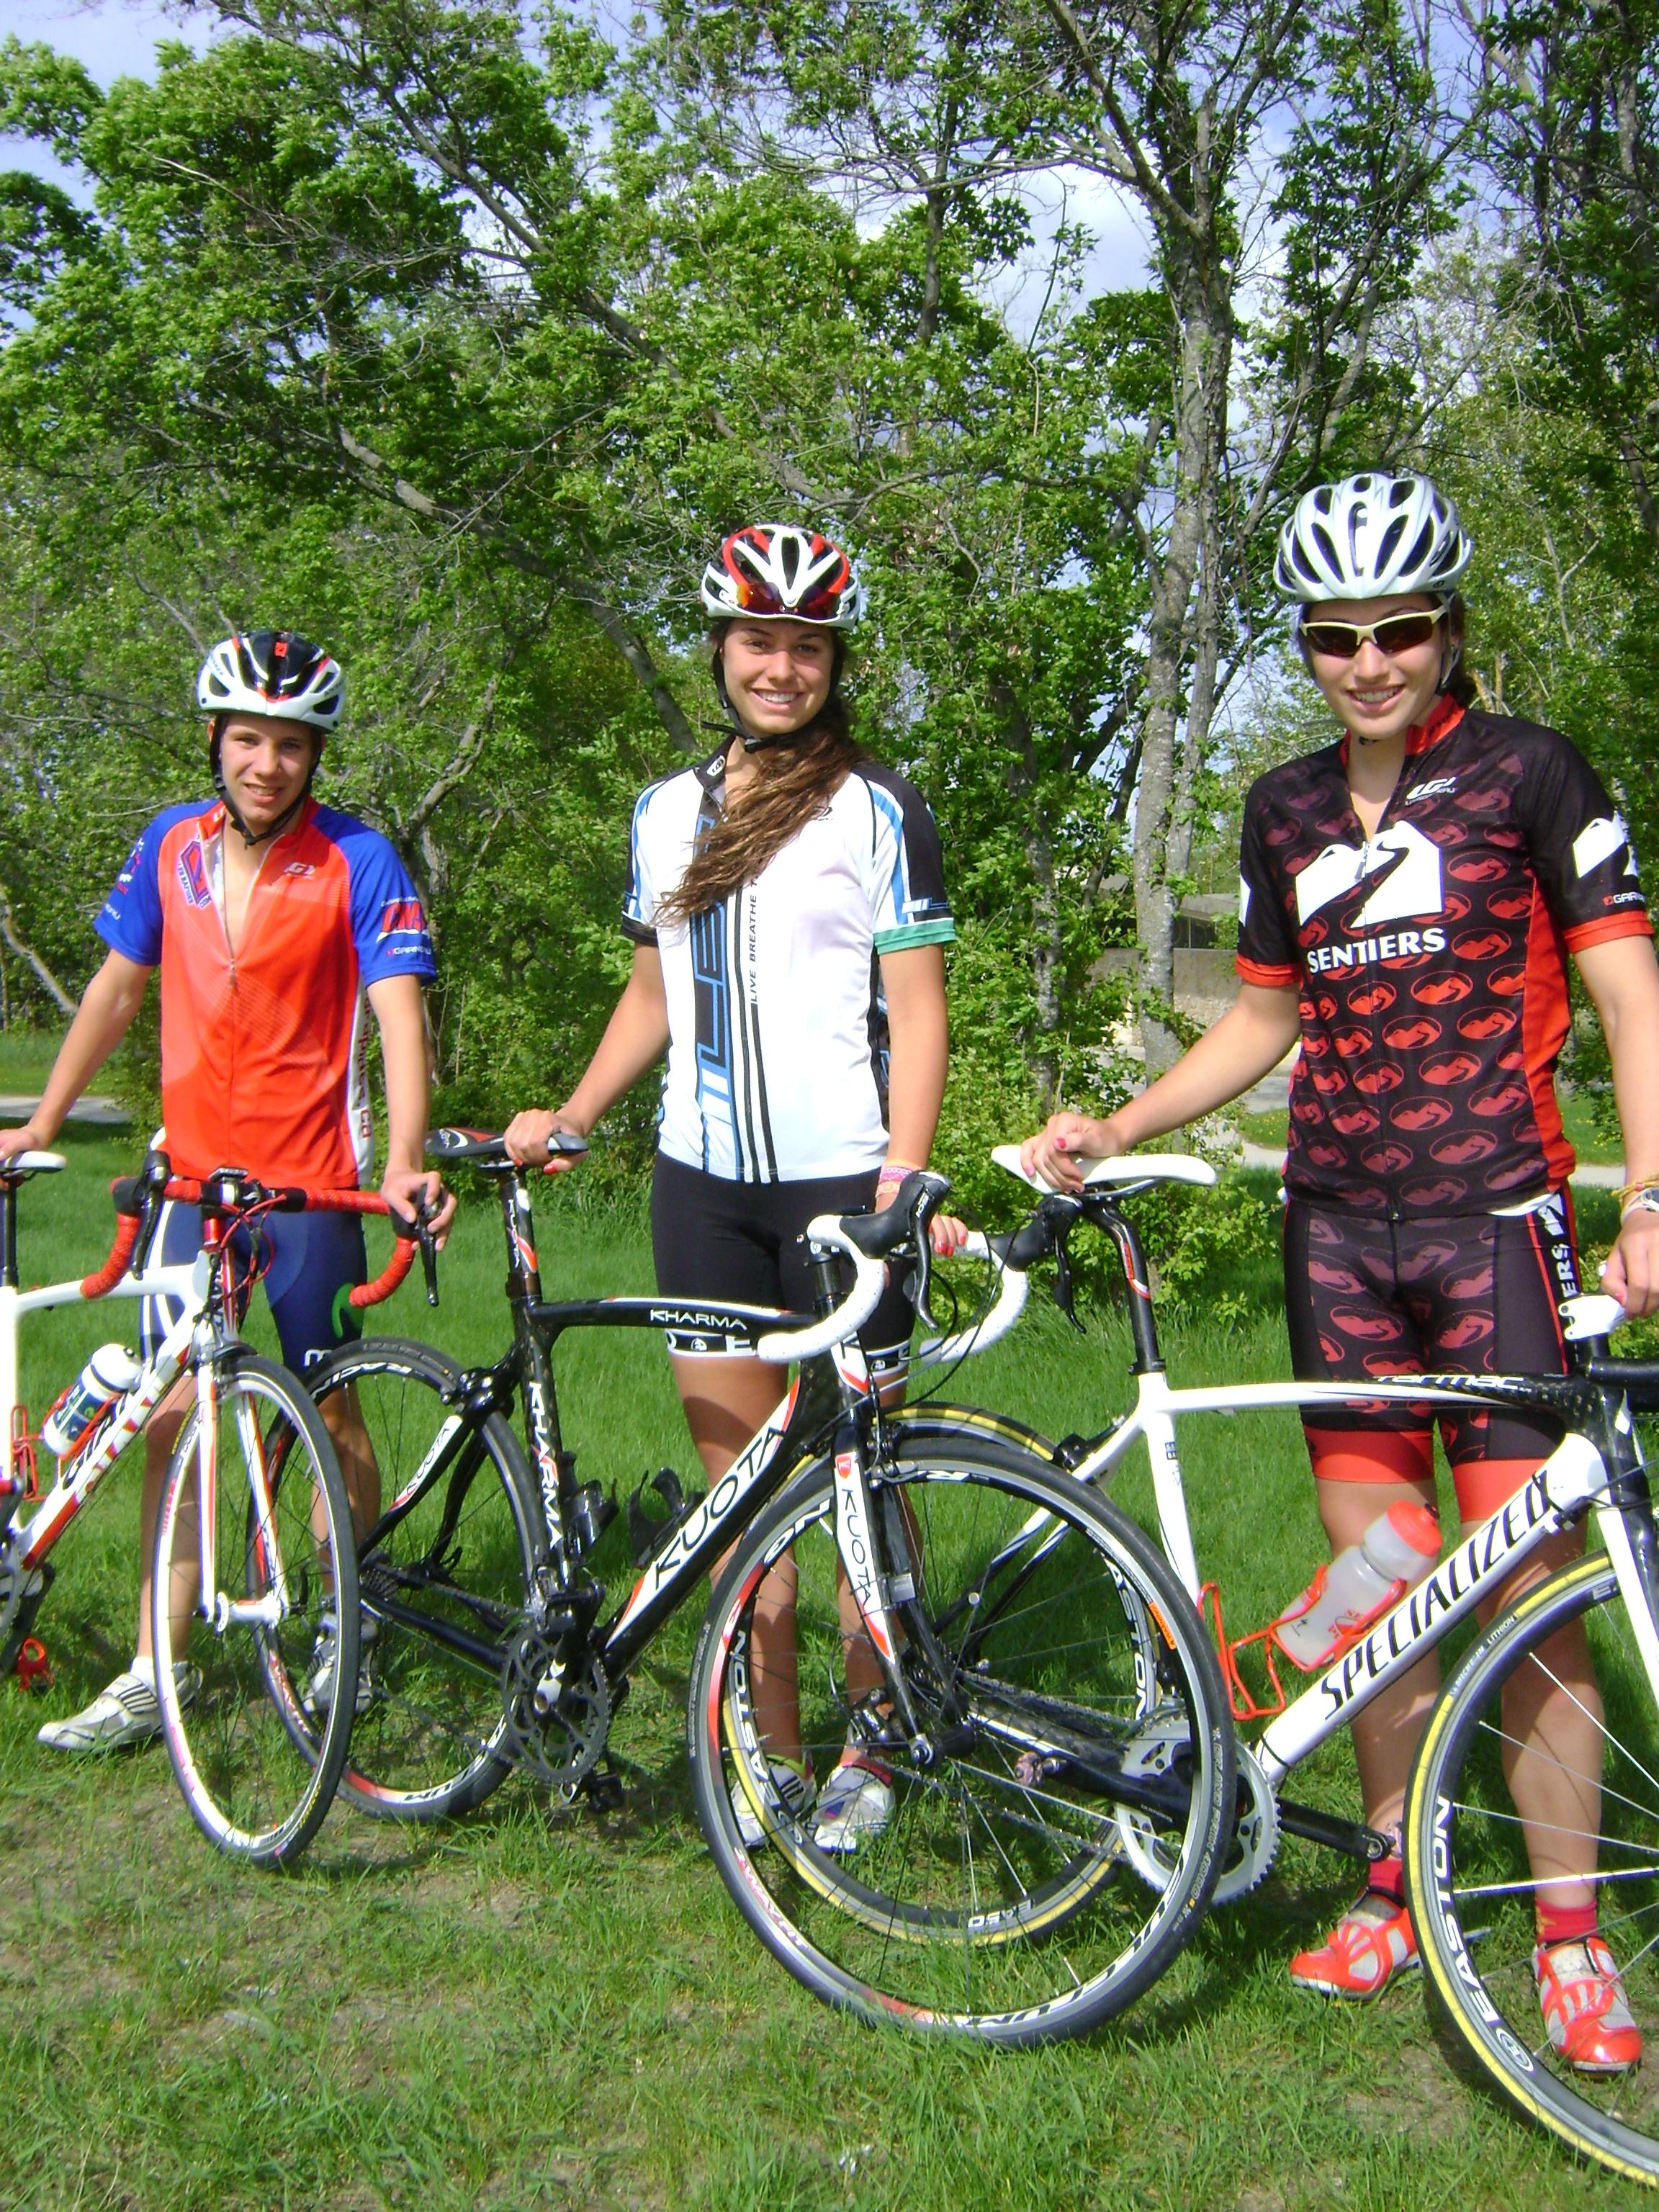 Sortie en vélo en trio avec Stéphanie et Julien au Bird's Hill park. Très venteux!